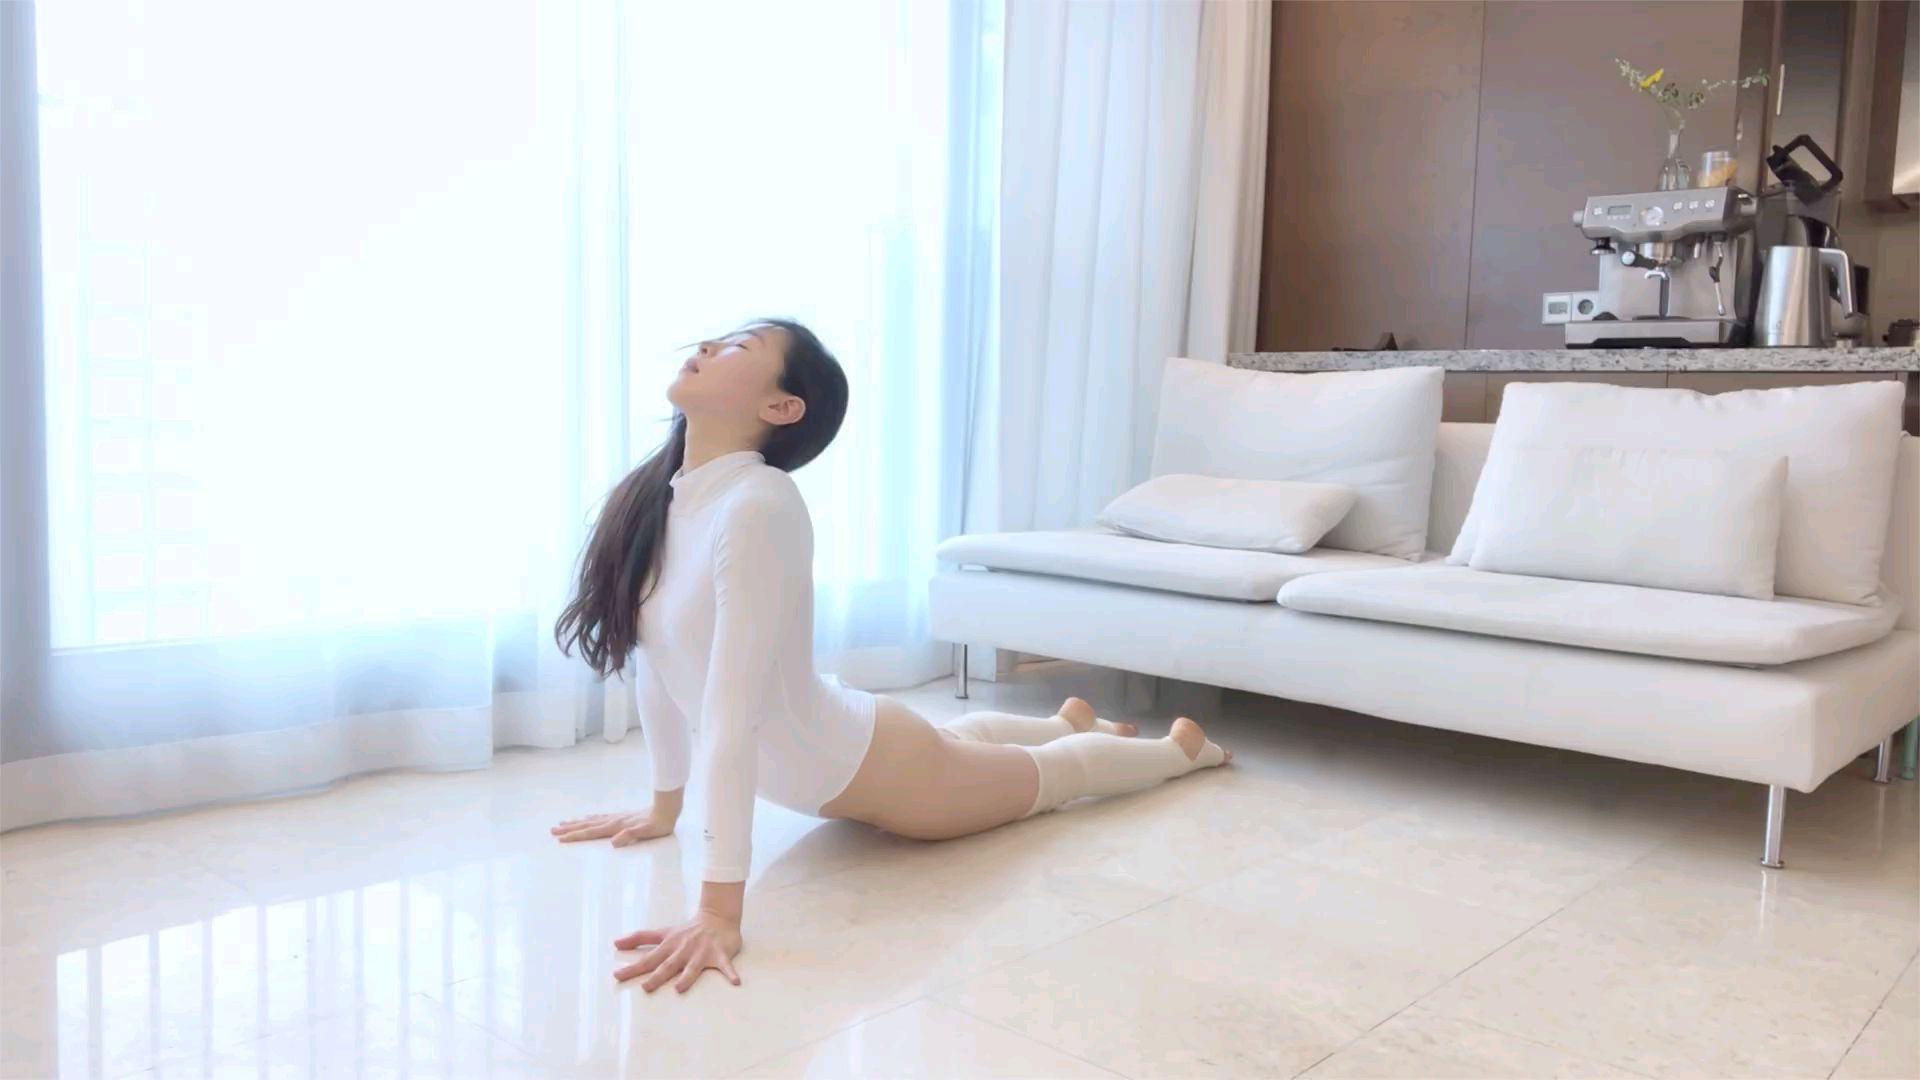 这年头韩国美女还有天然美, 而且身材真好。